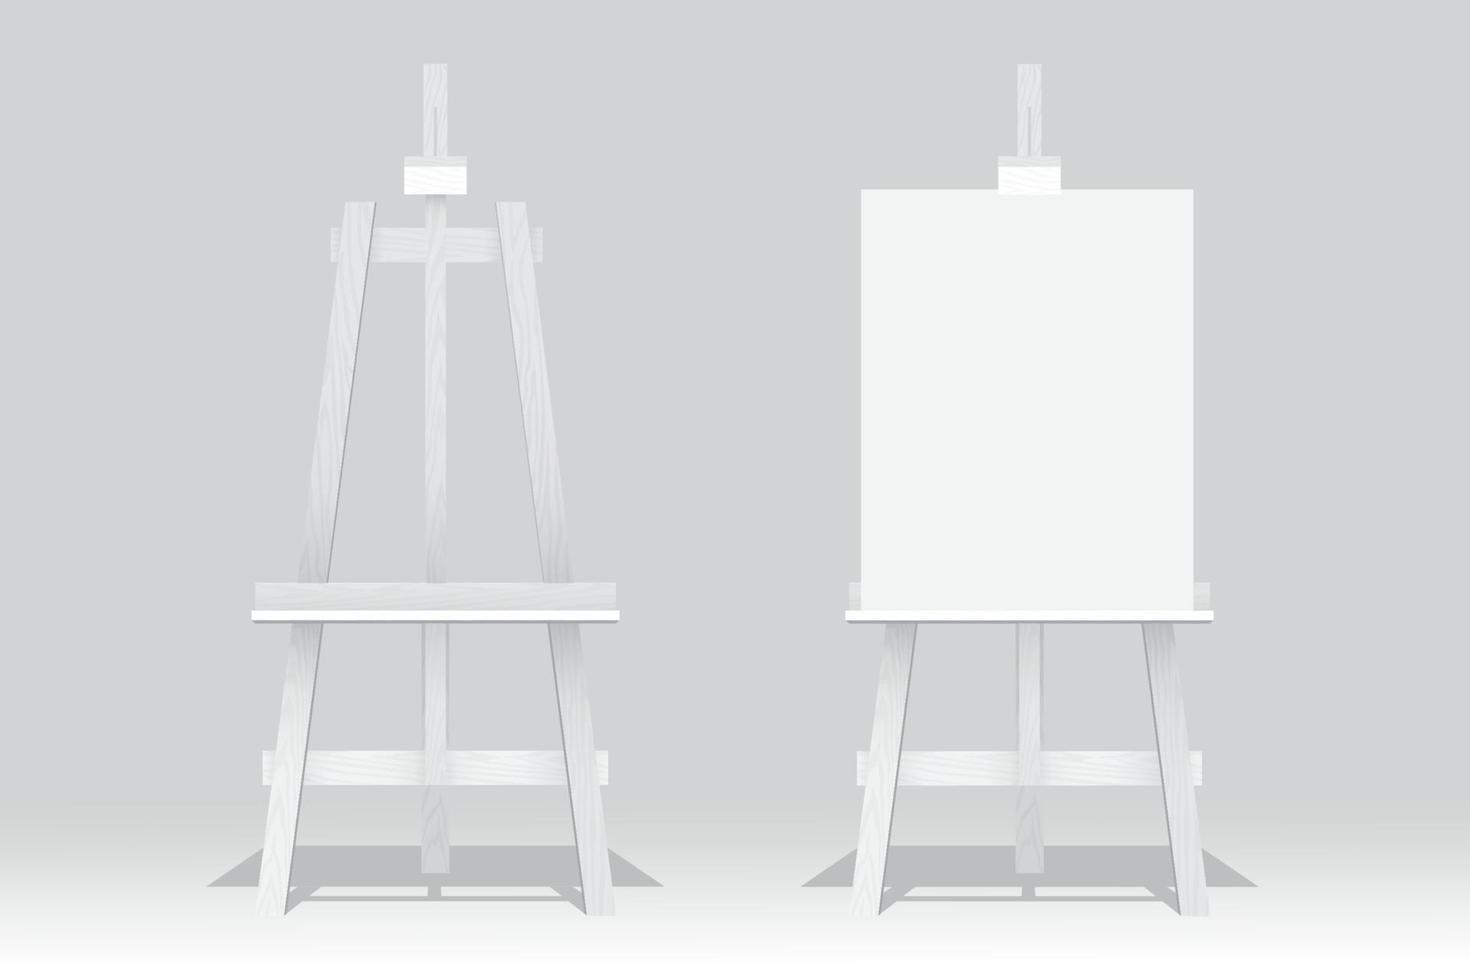 cavaletes de madeira, um está com tela em branco sobre fundo branco vetor